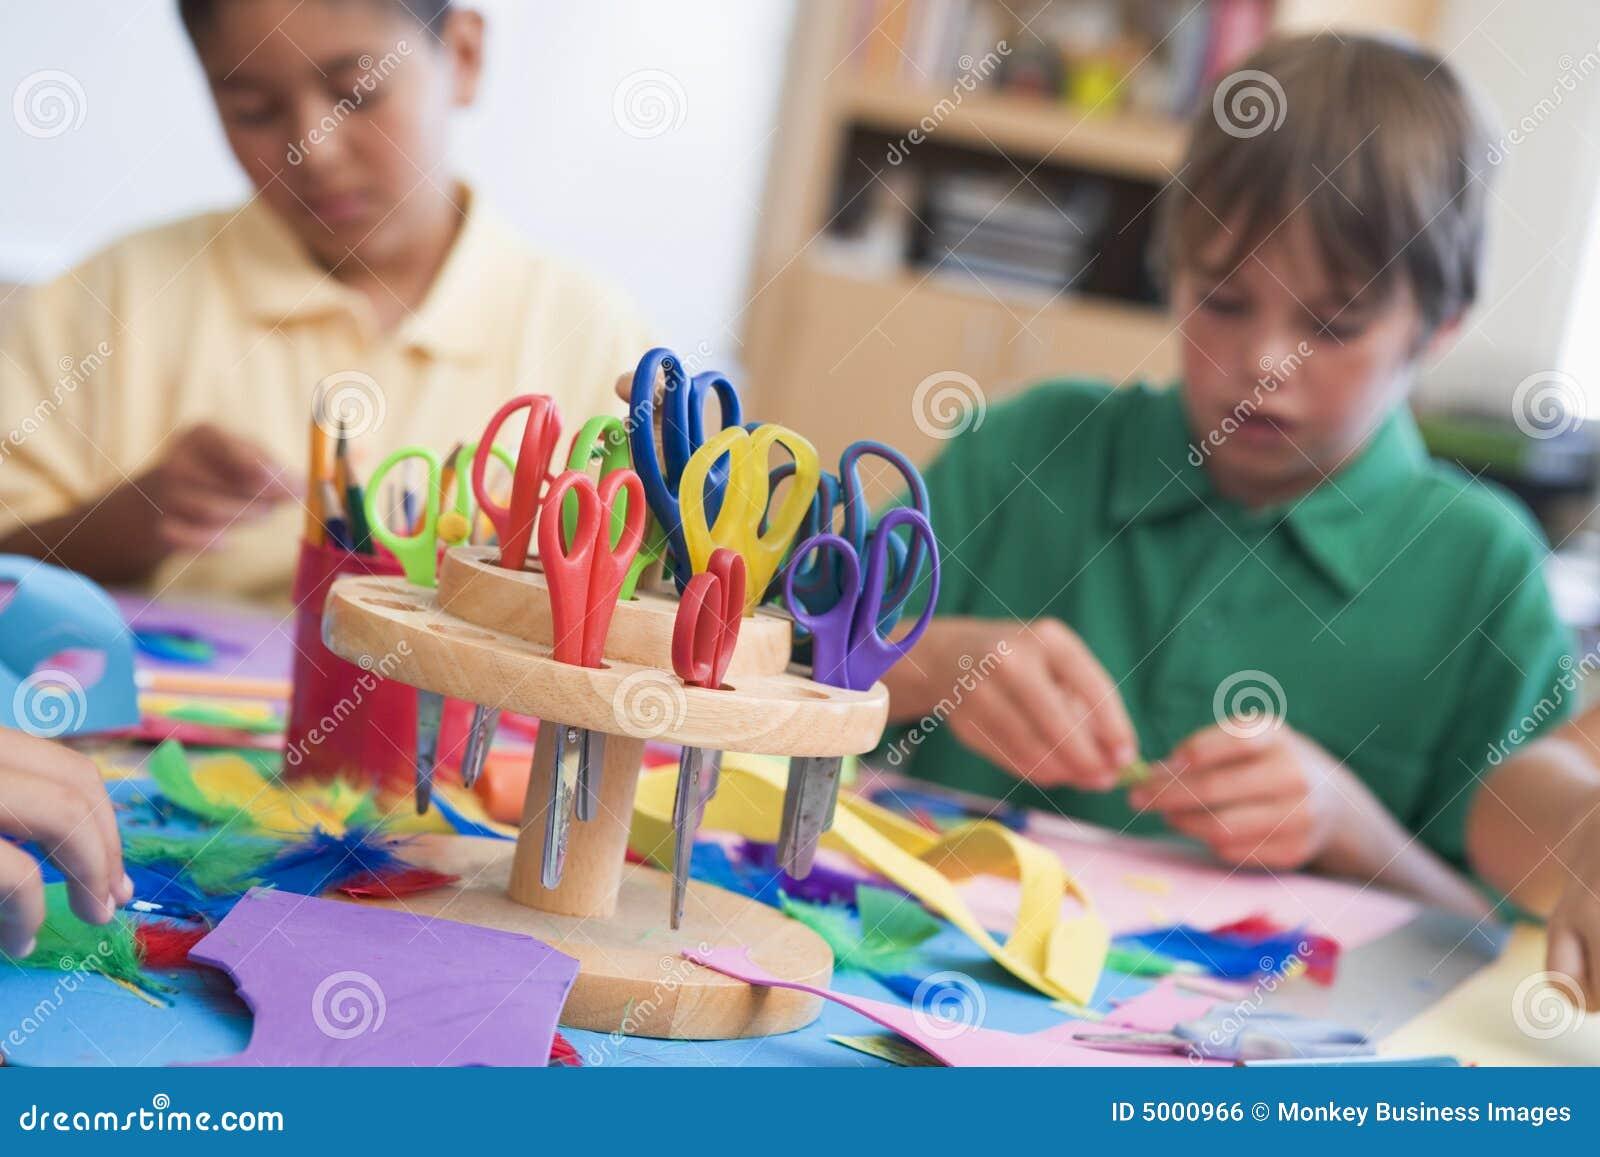 De klasse van de basisschoolkunst